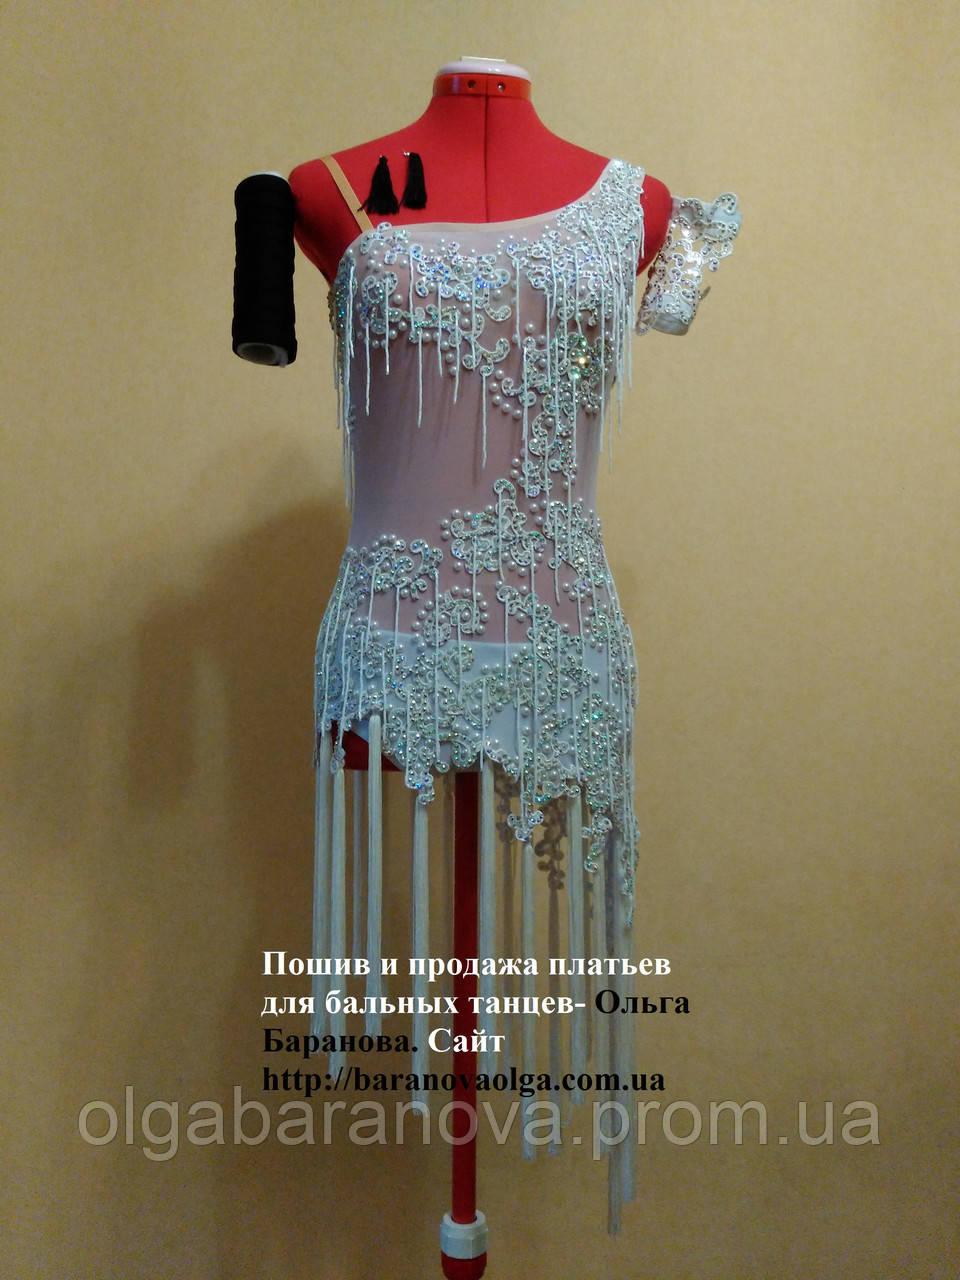 Кружевной Воротник На Платье Купить